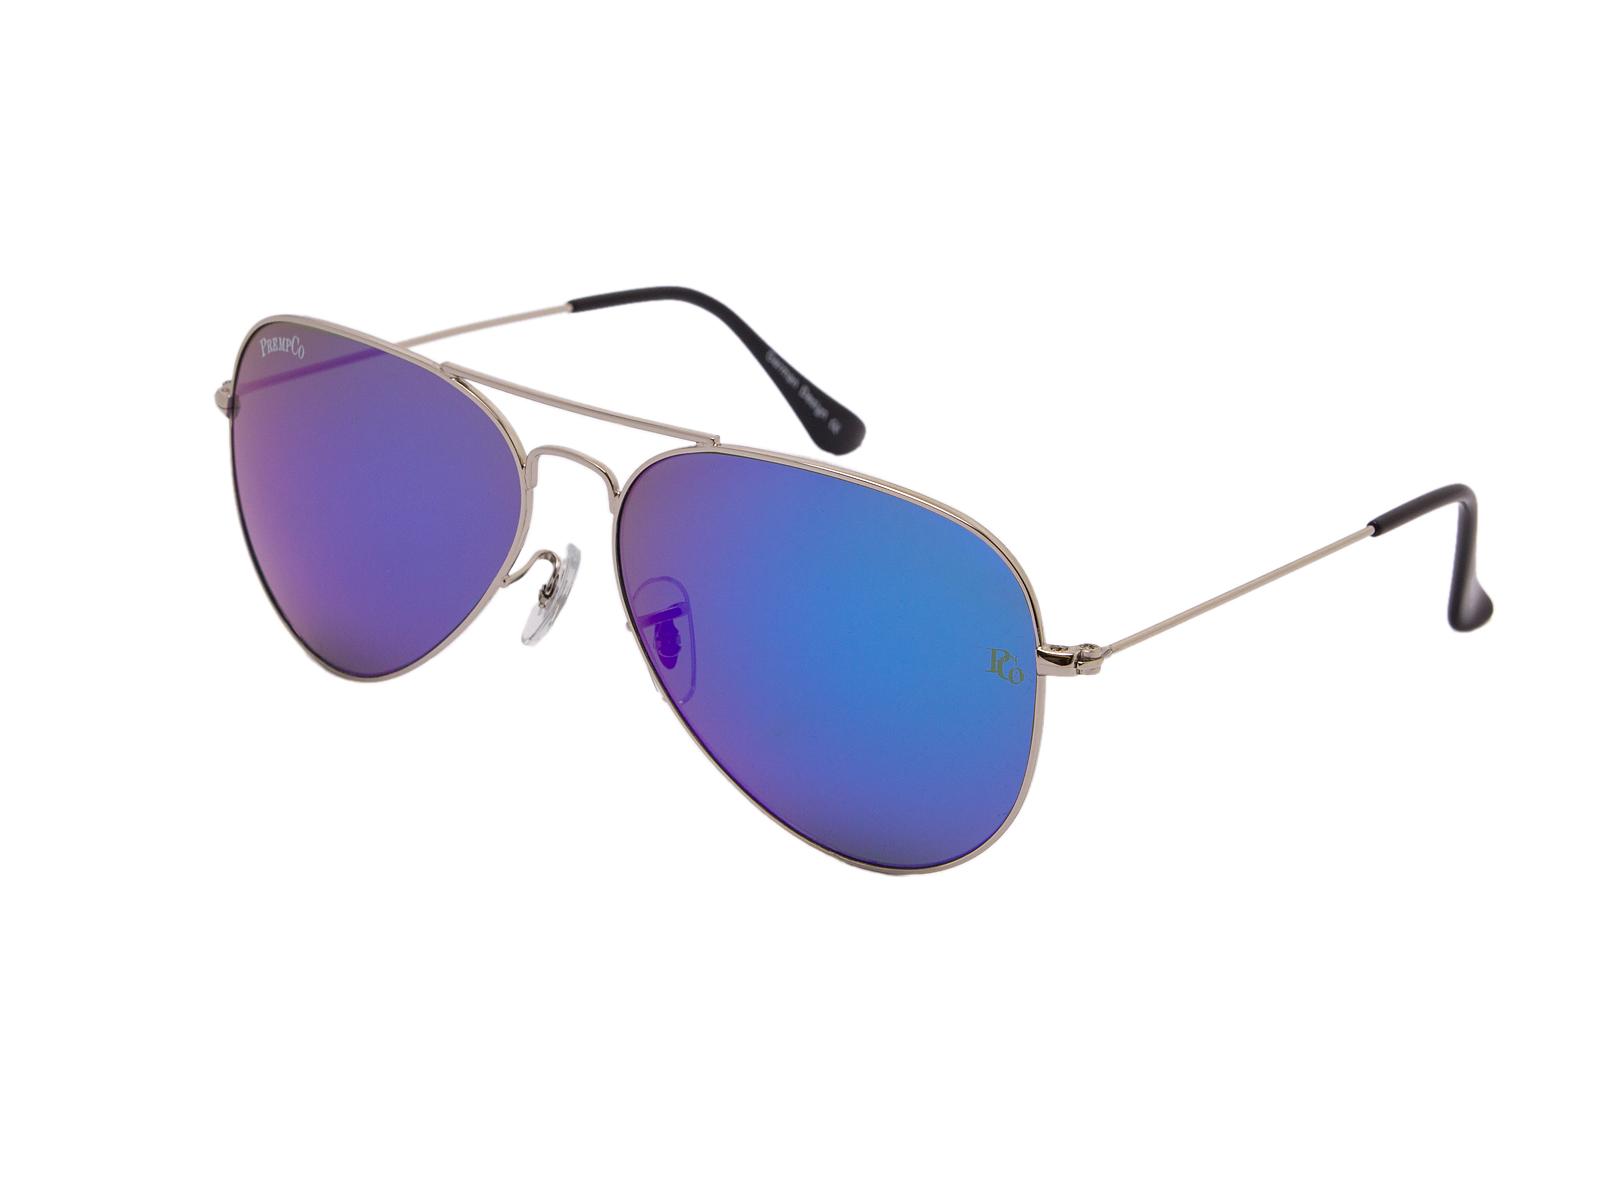 prempco aviator Damen sonnenbrille silber mirror silber gestell (4)